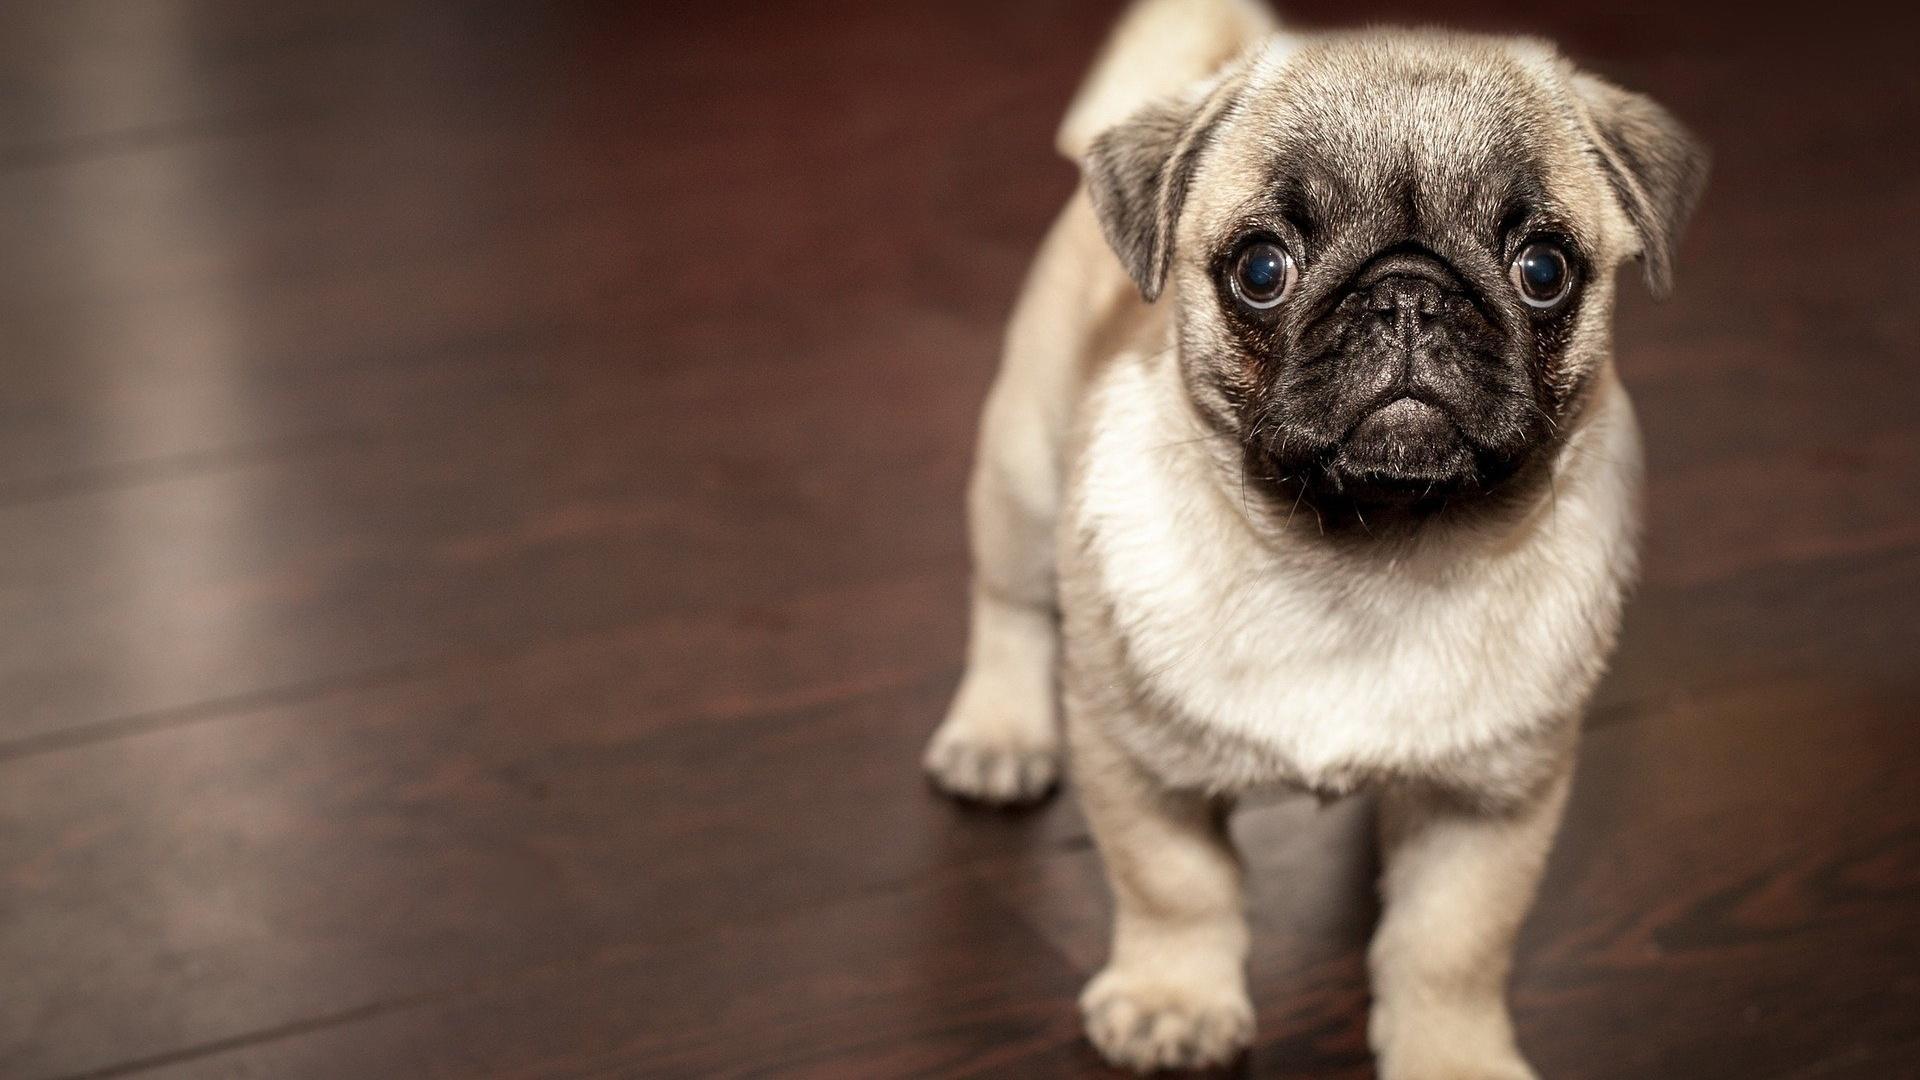 Möpse sind eine ruhige und fröhliche Hunderasse - auch wenn sie nicht so aussehen.